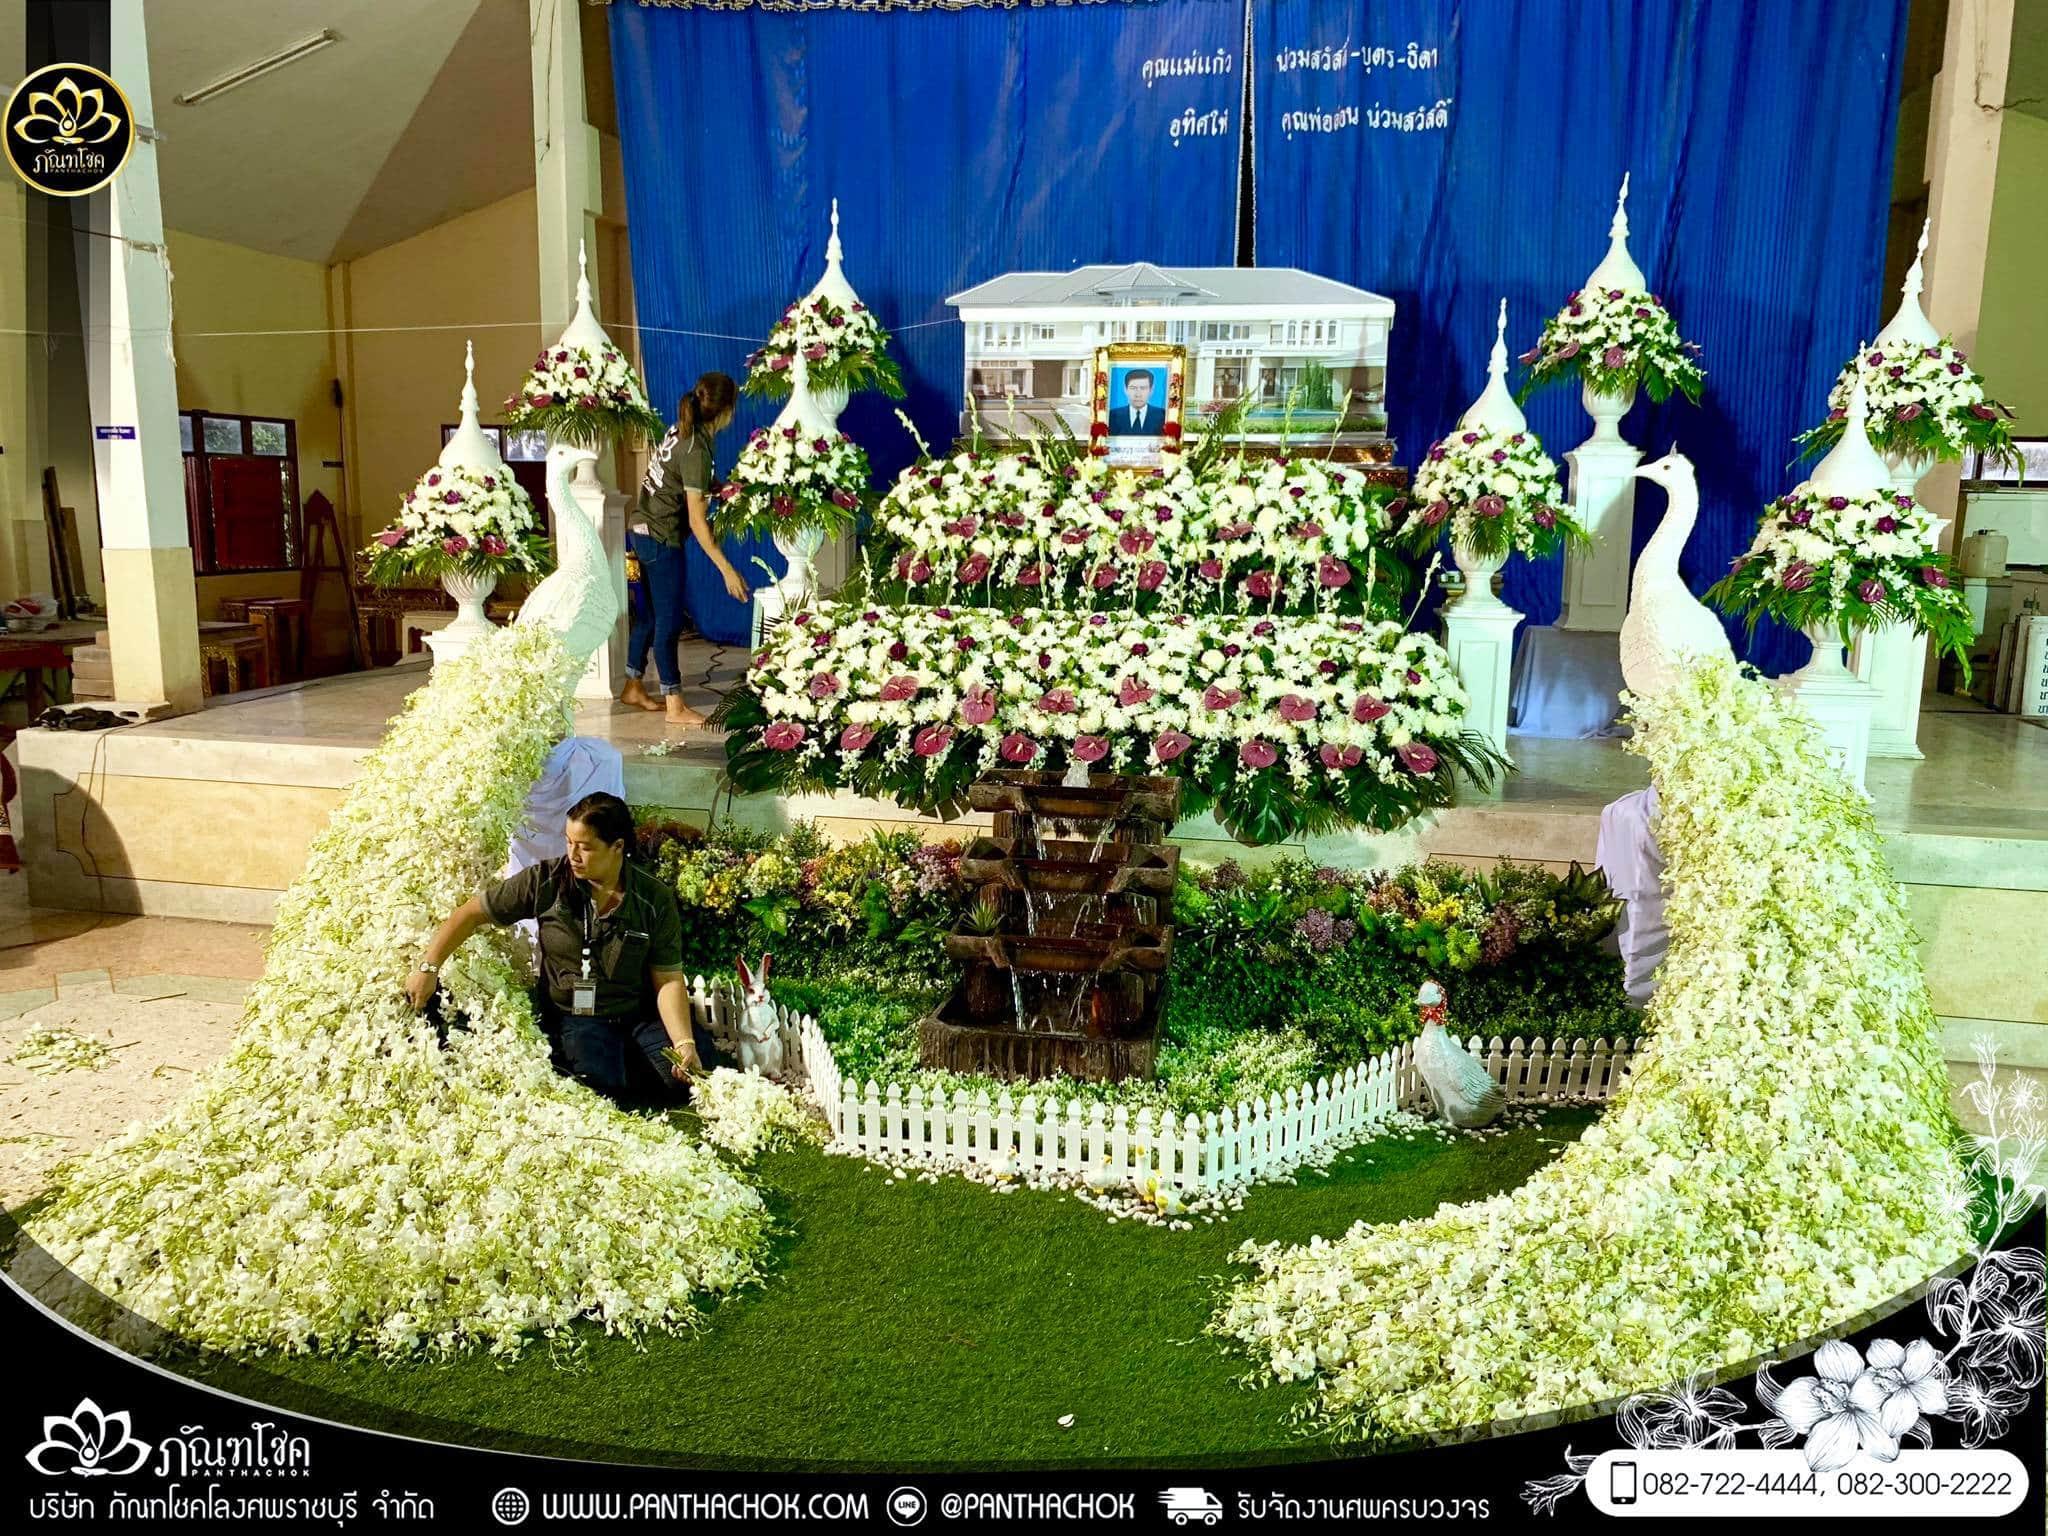 ผู้ให้บริการจัดดอกไม้งานศพ อันดับ 1 ในราชบุรี (ผลงานวัดวันดาว อ.ปากท่อ) 3